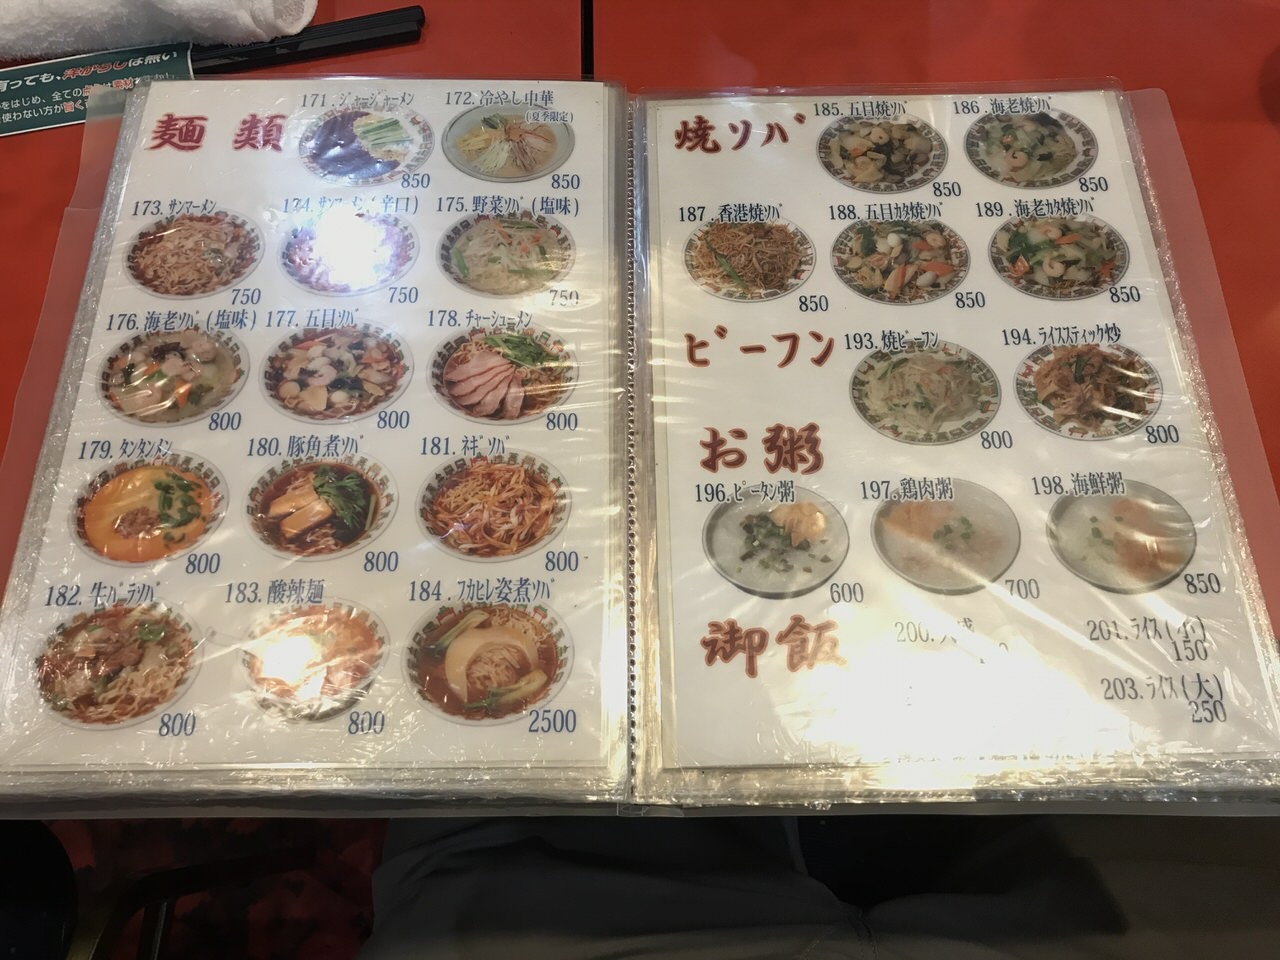 中華料理「中華街」吉祥寺 9